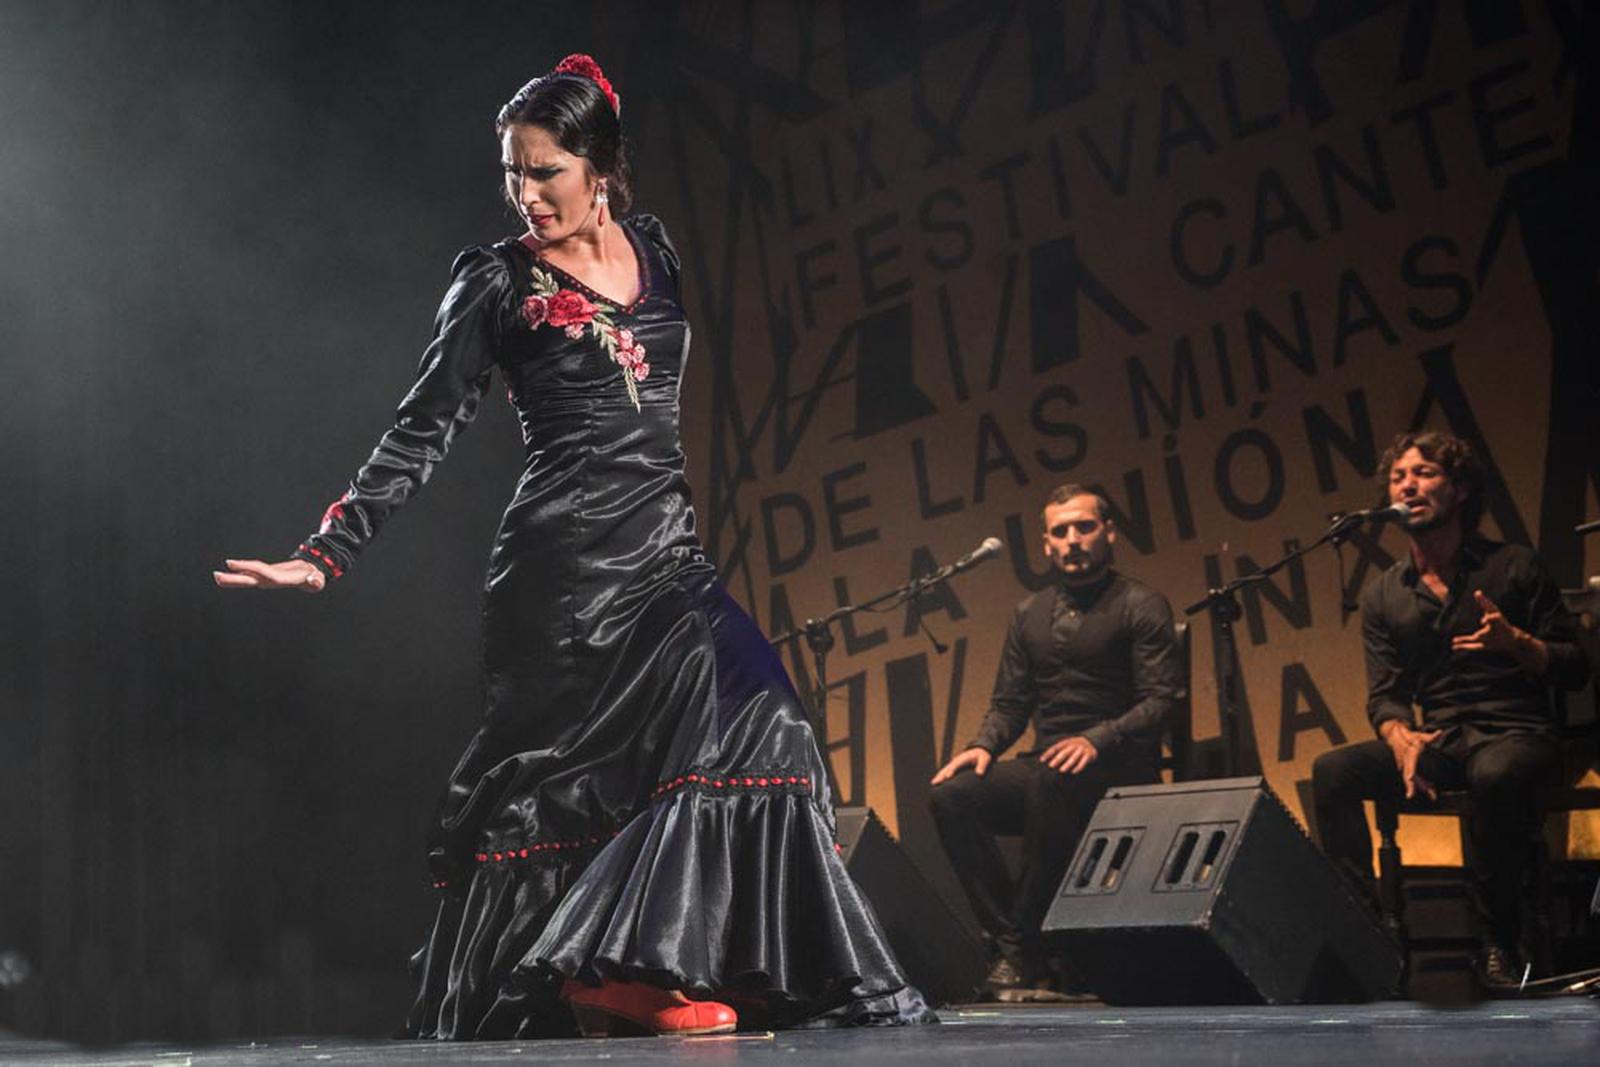 Olga, baile flamenco tradicional